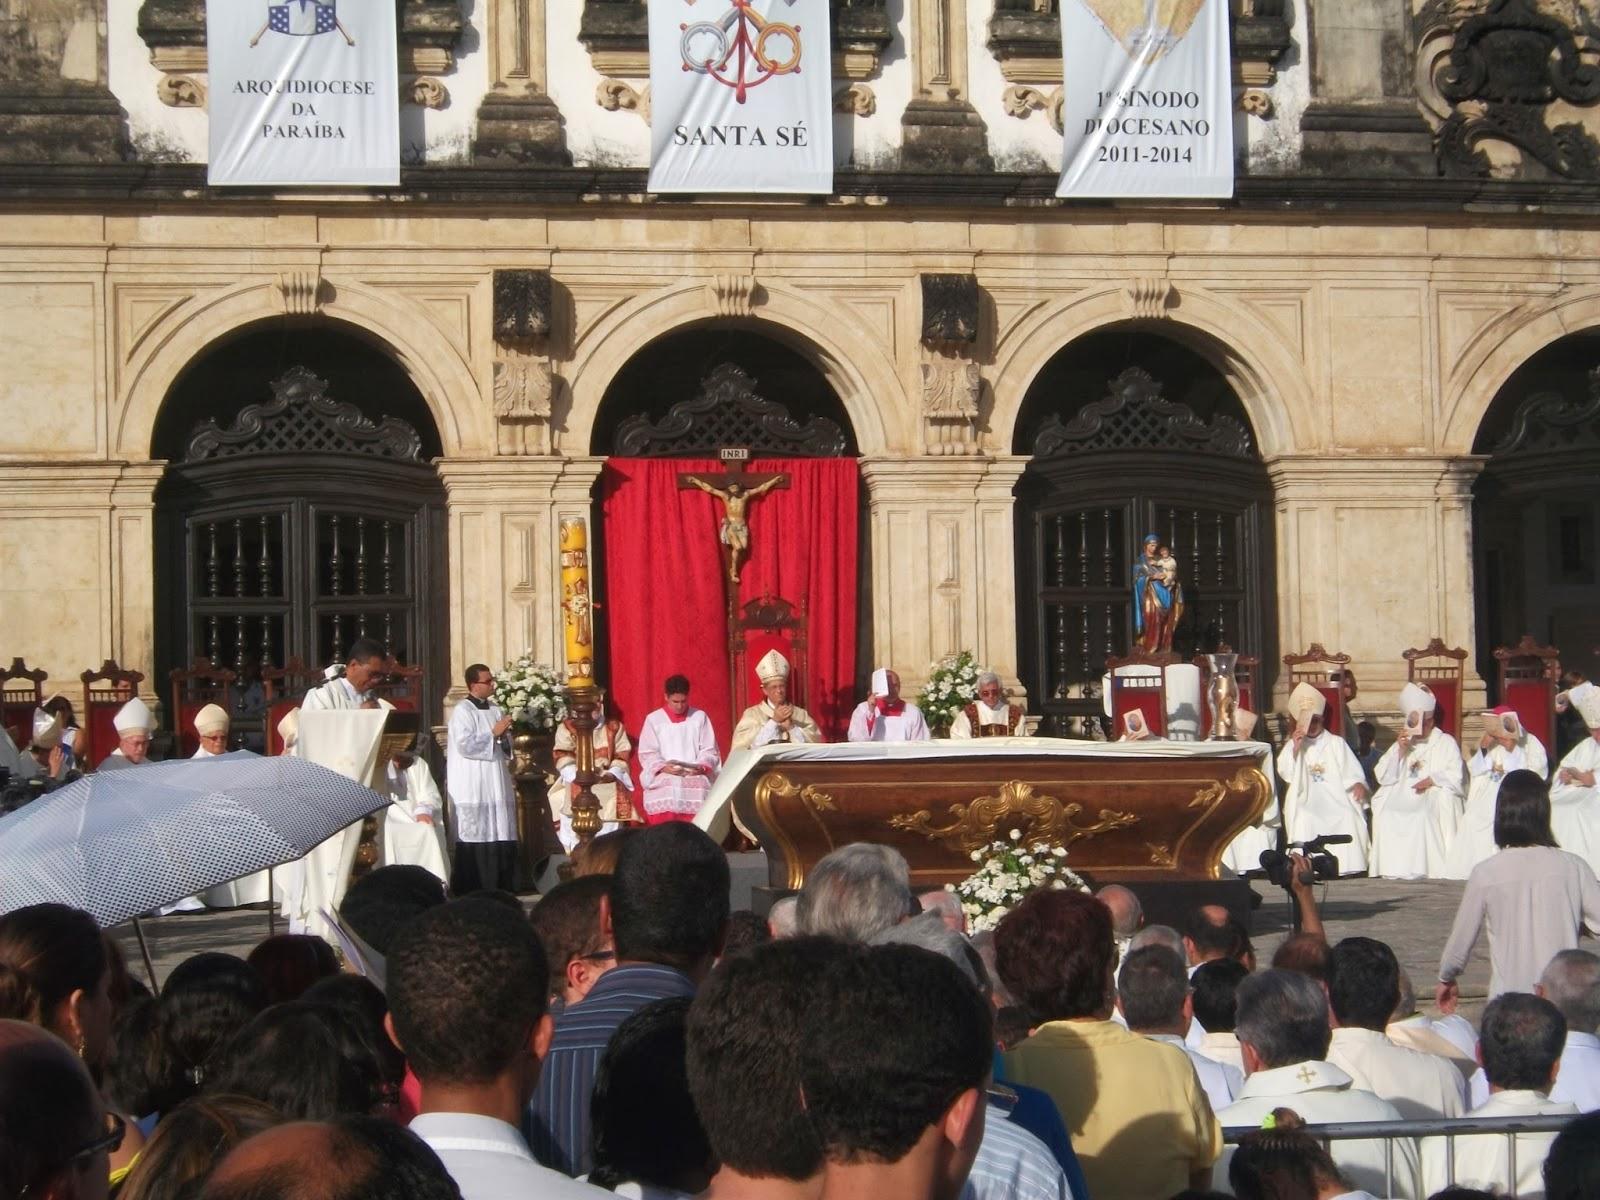 Missa em Comemoração dos 100 Anos da Arquidiocese da Paraíba